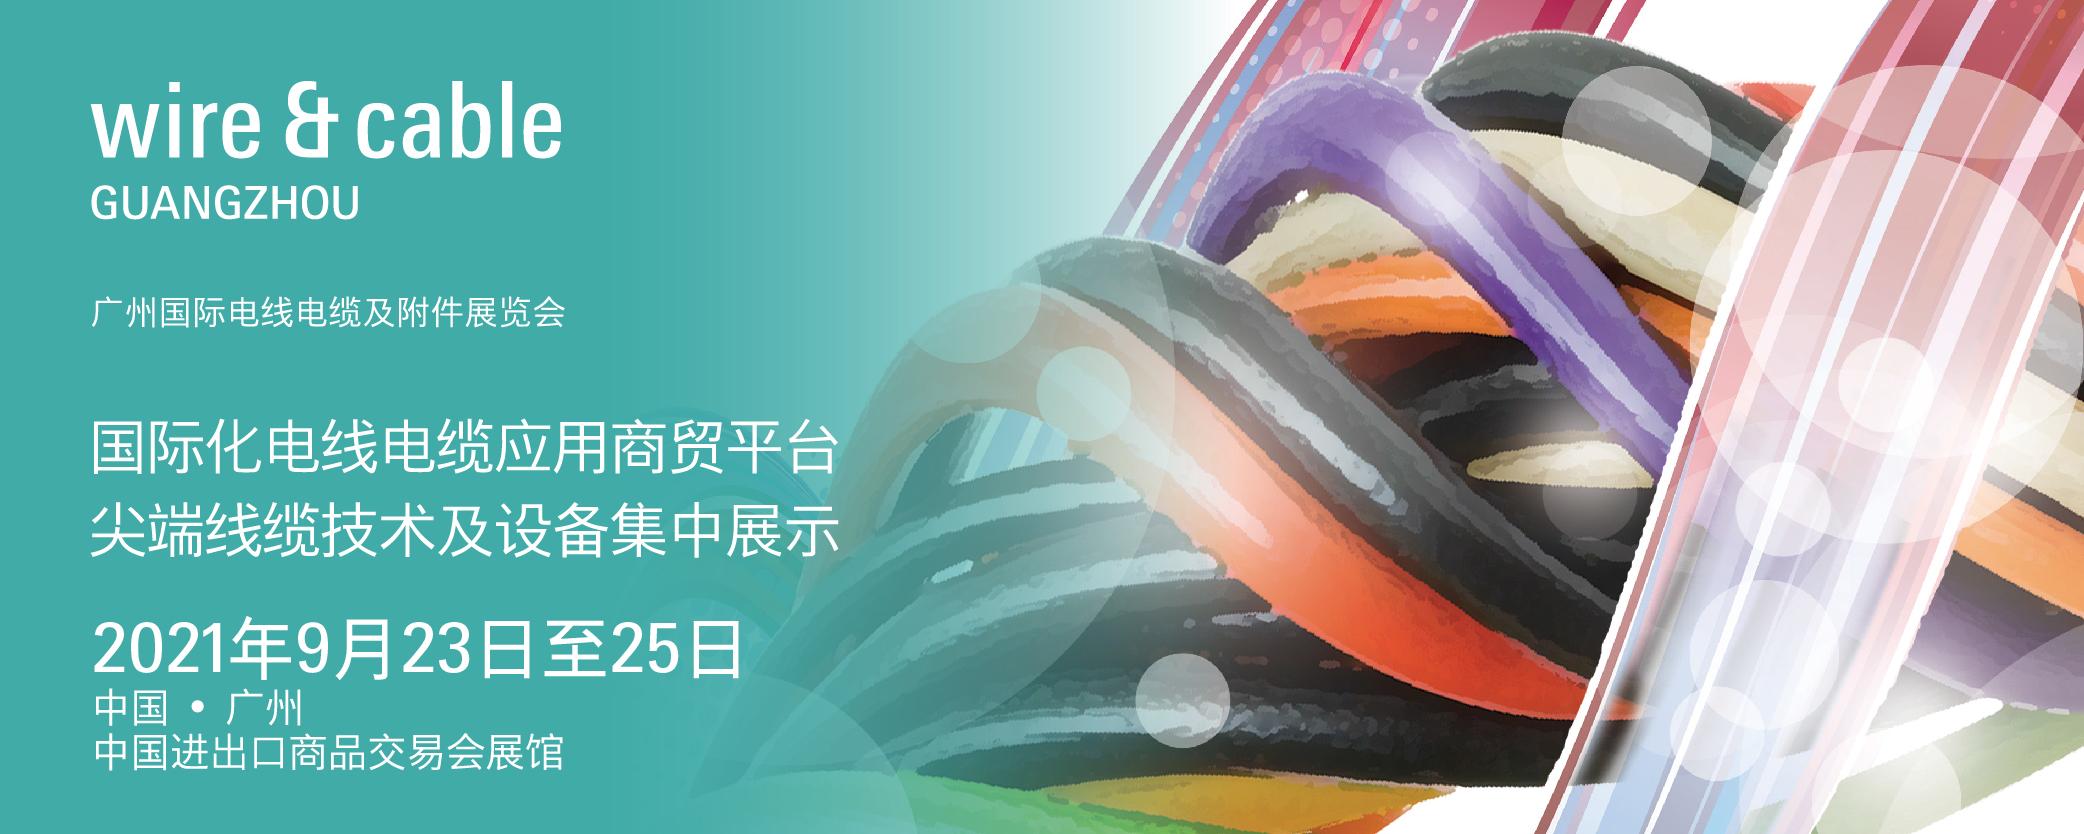 2021广州国际线缆及附件展览会邀请函